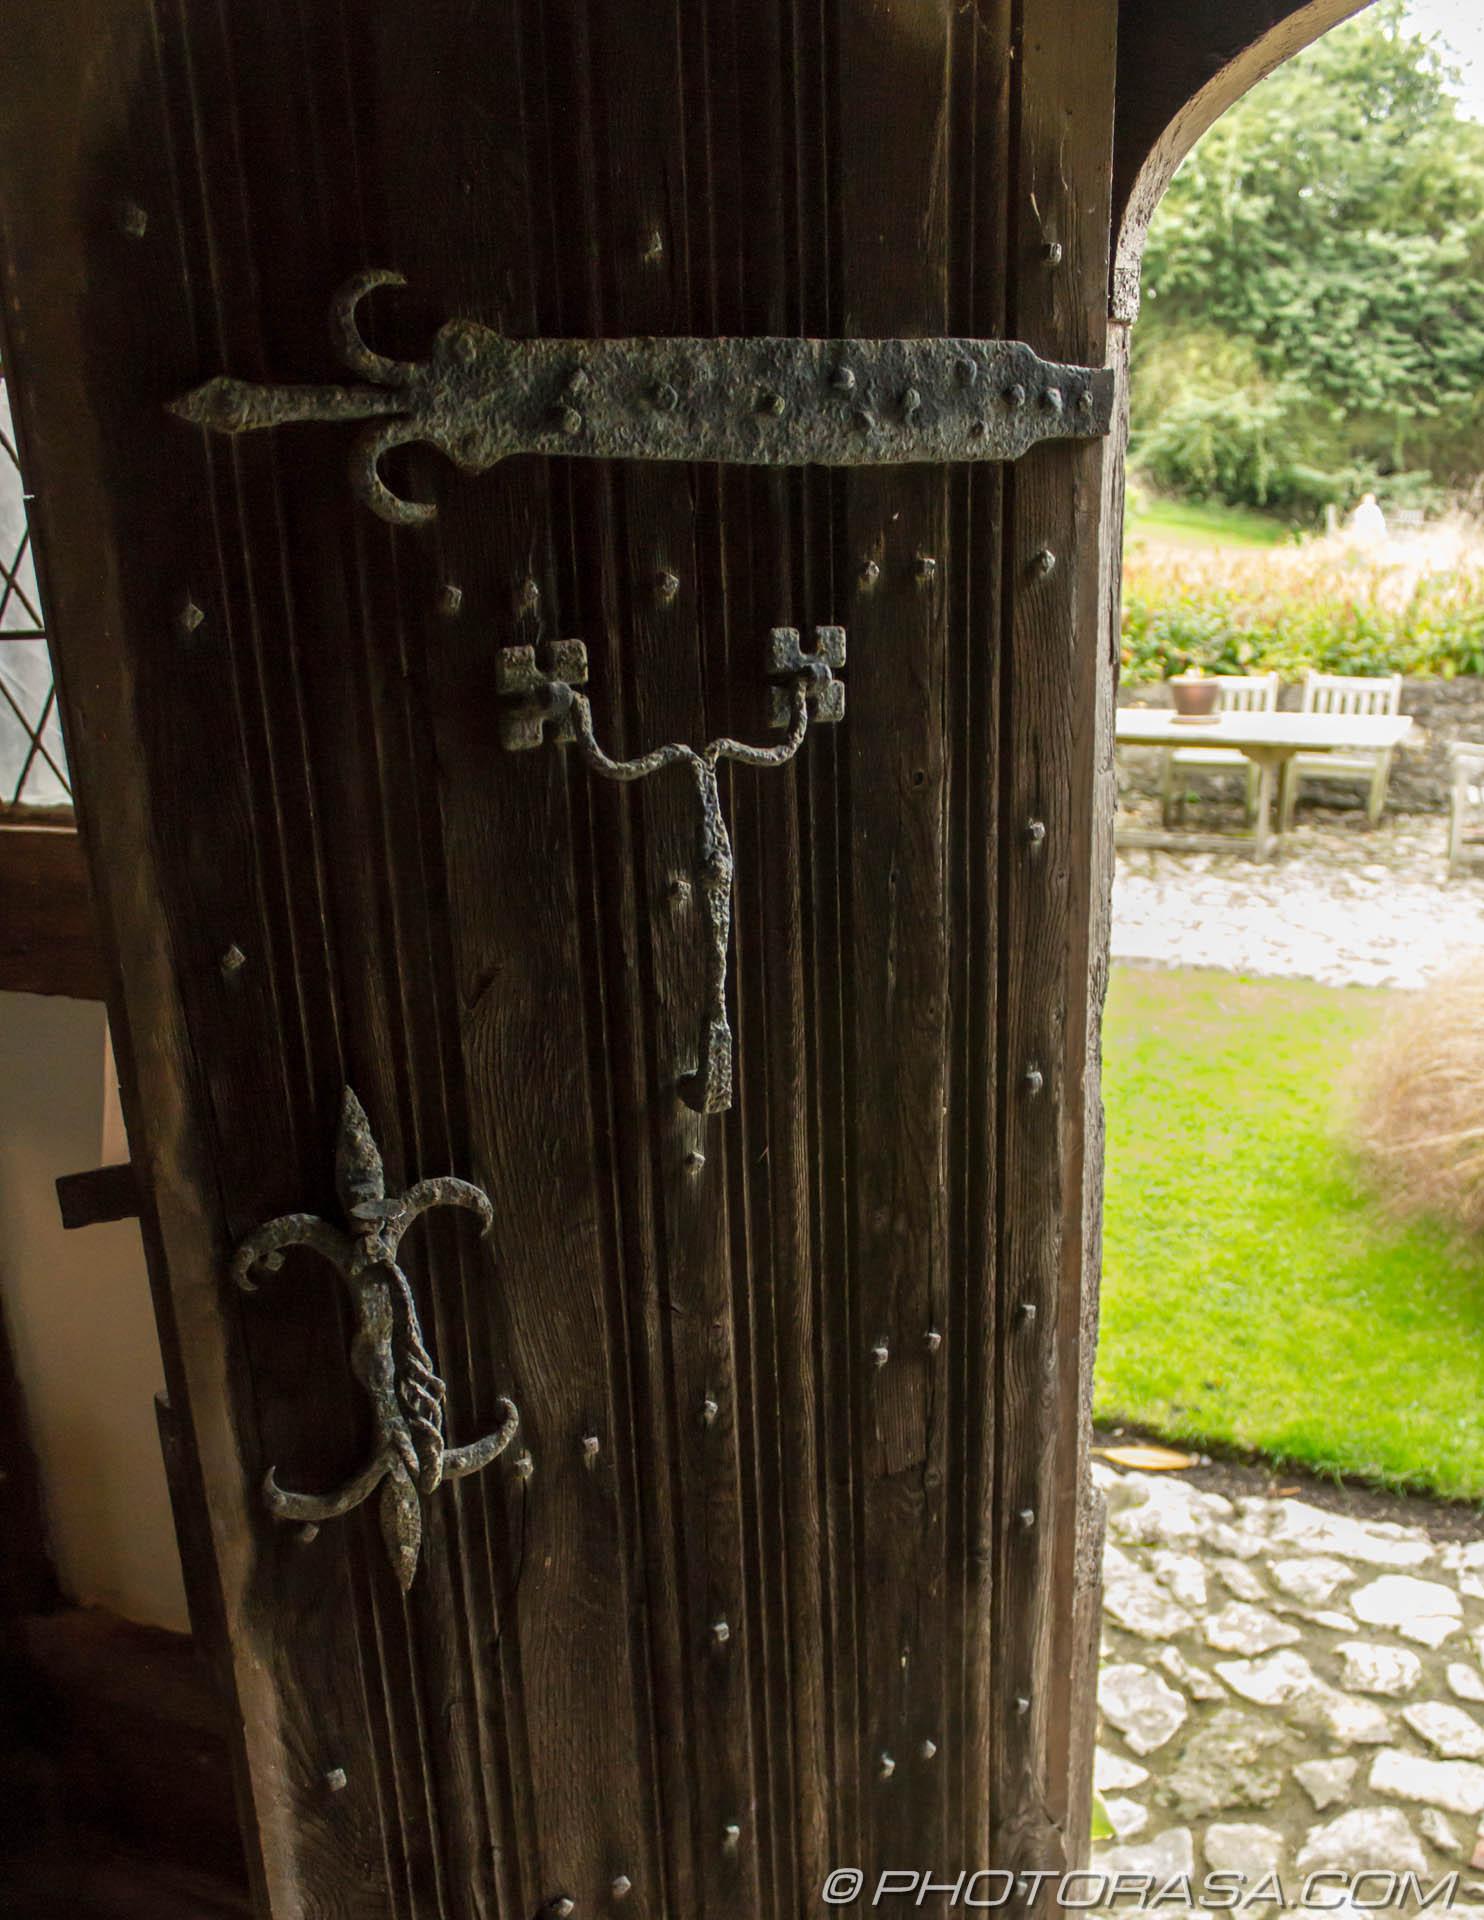 Wooden back door with metal fixtures photorasa free hd for Wooden rear doors